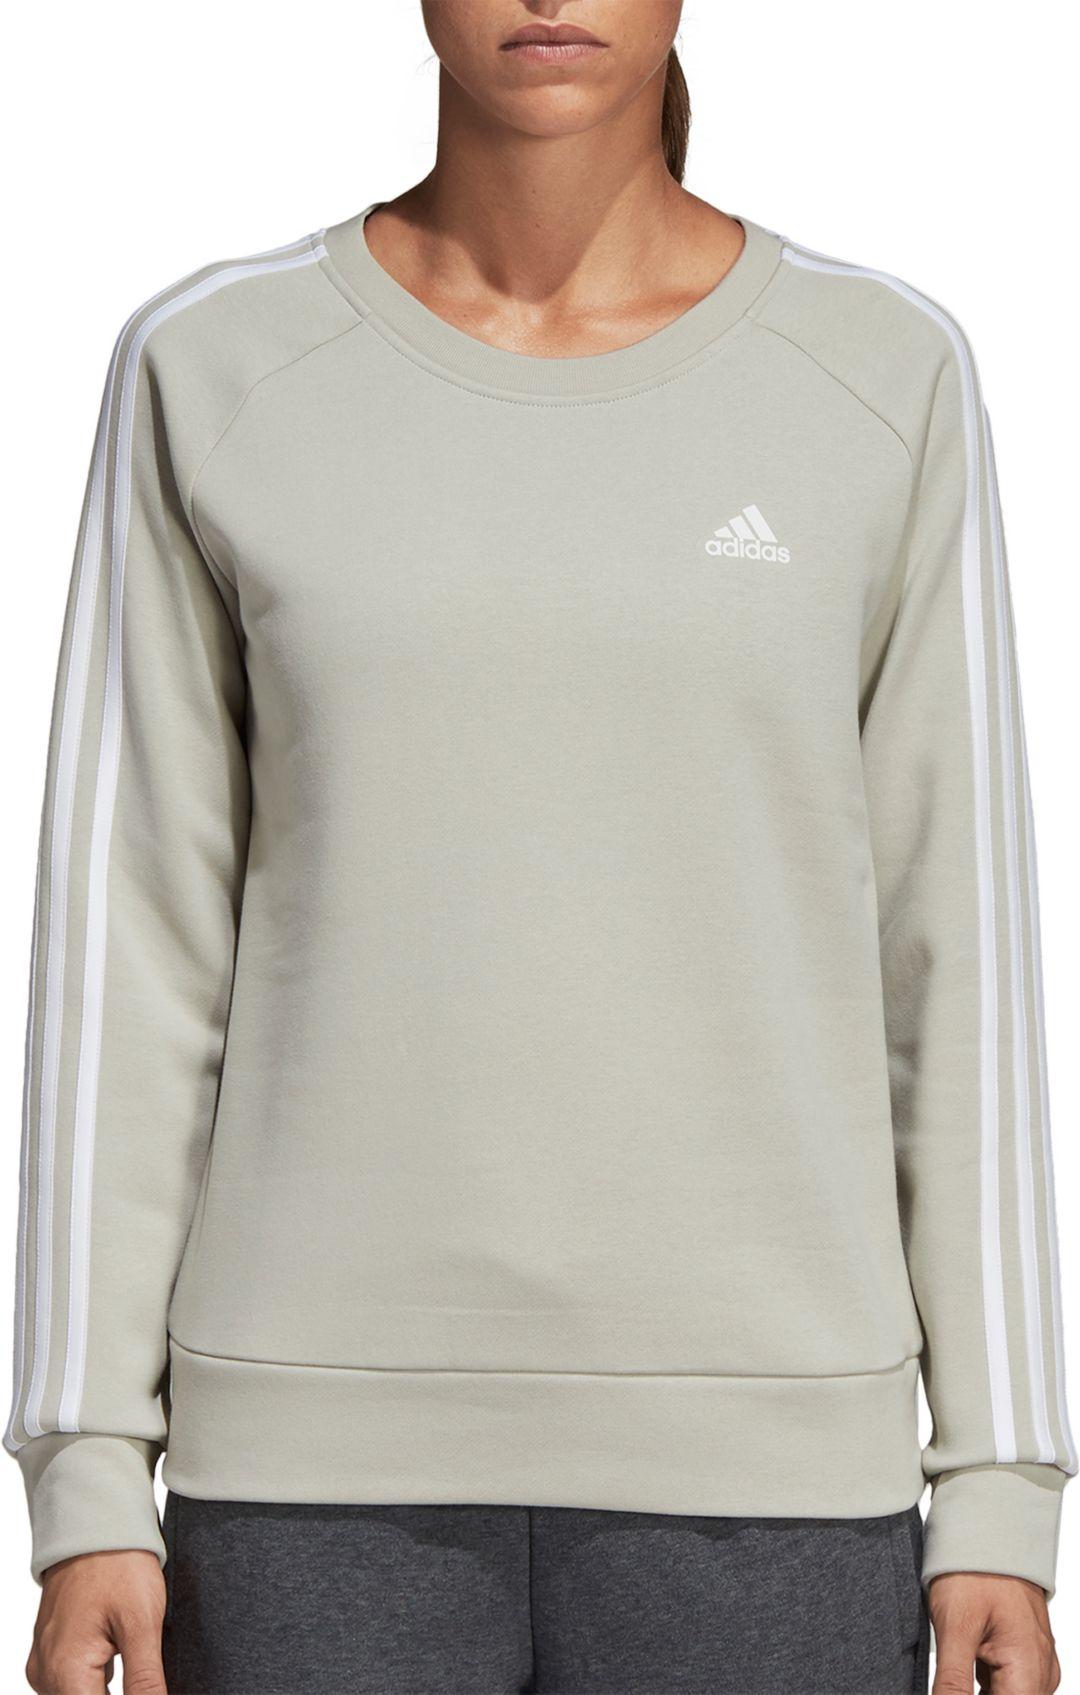 e22e9467 adidas Women's Essentials 3-Stripes Crewneck Sweatshirt. noImageFound.  Previous